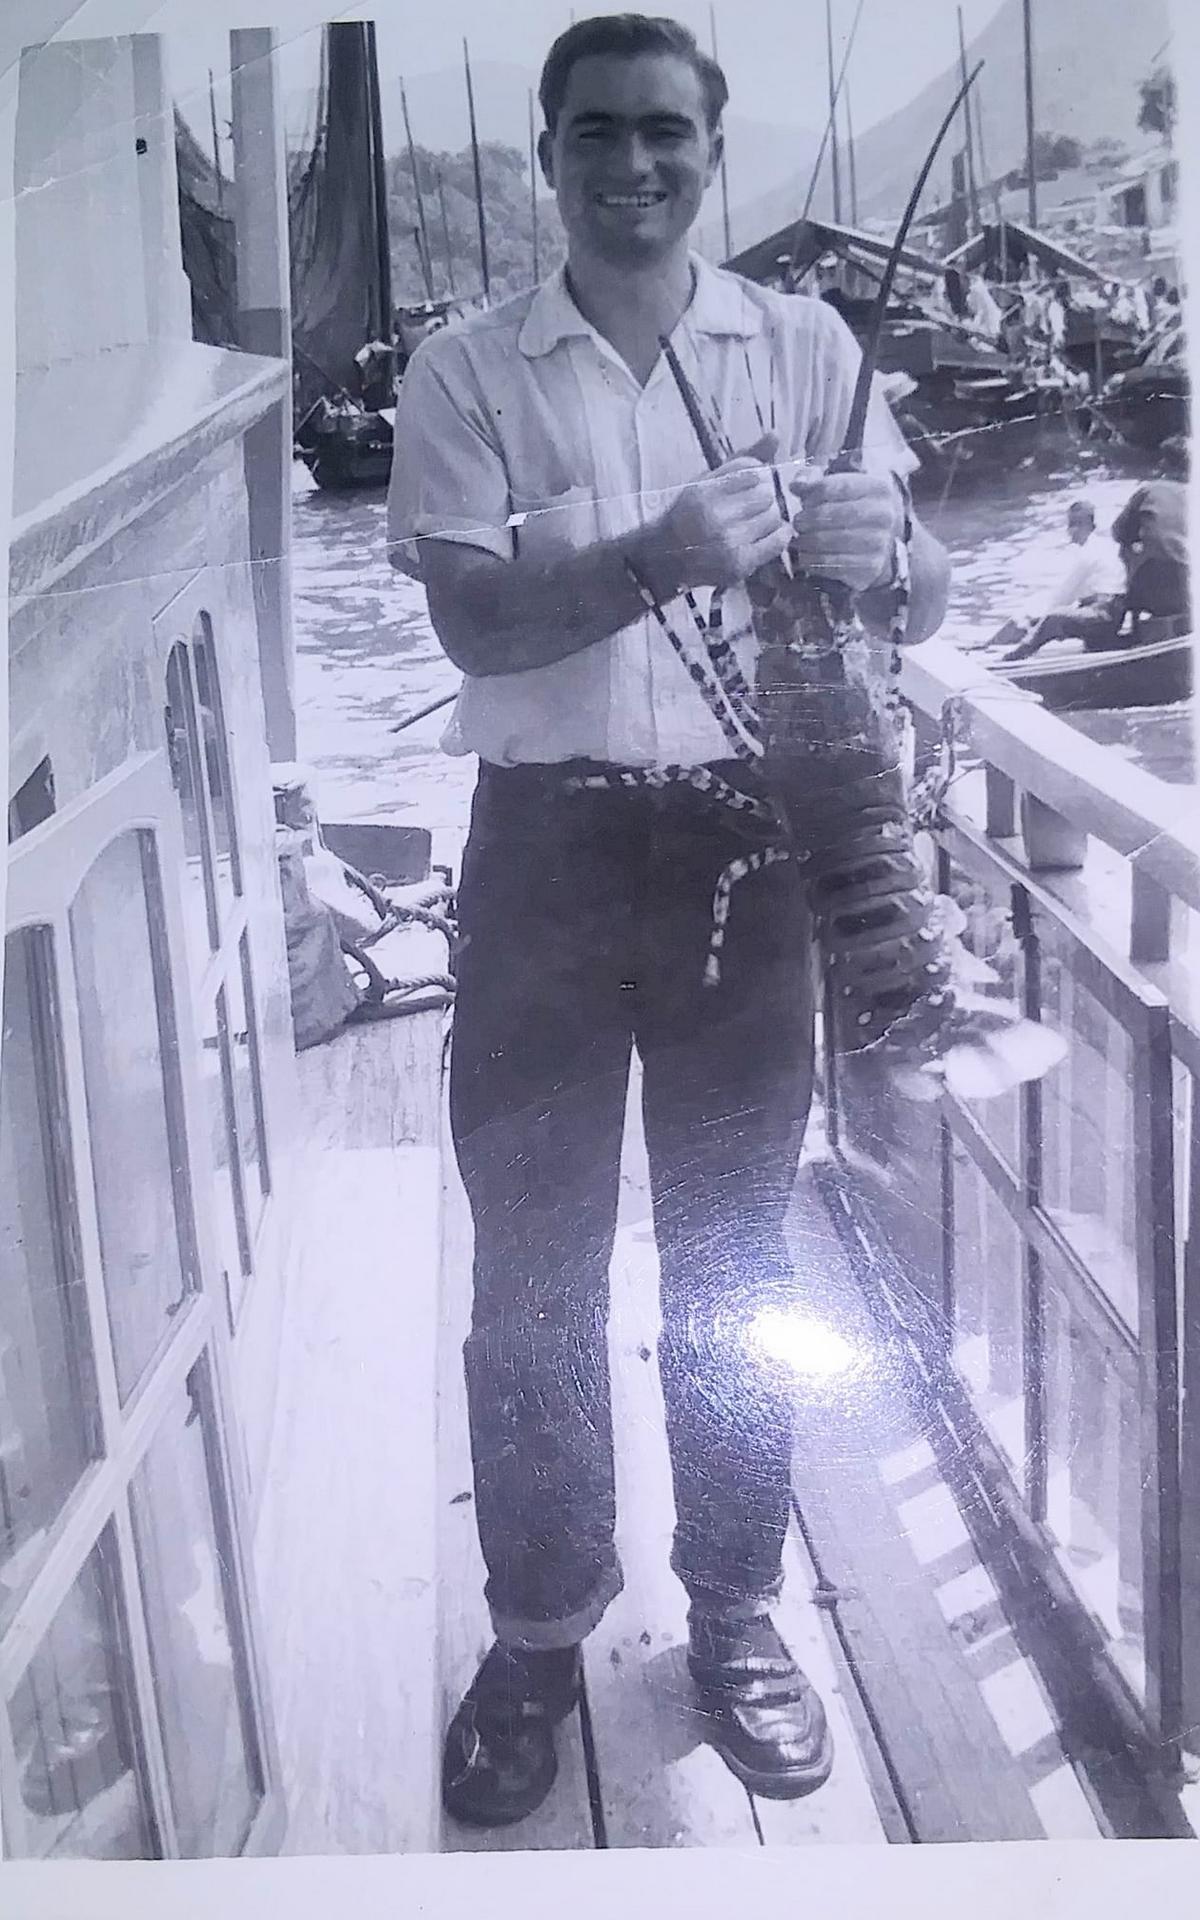 年輕的翟會長在香港傳教時所拍的照片。